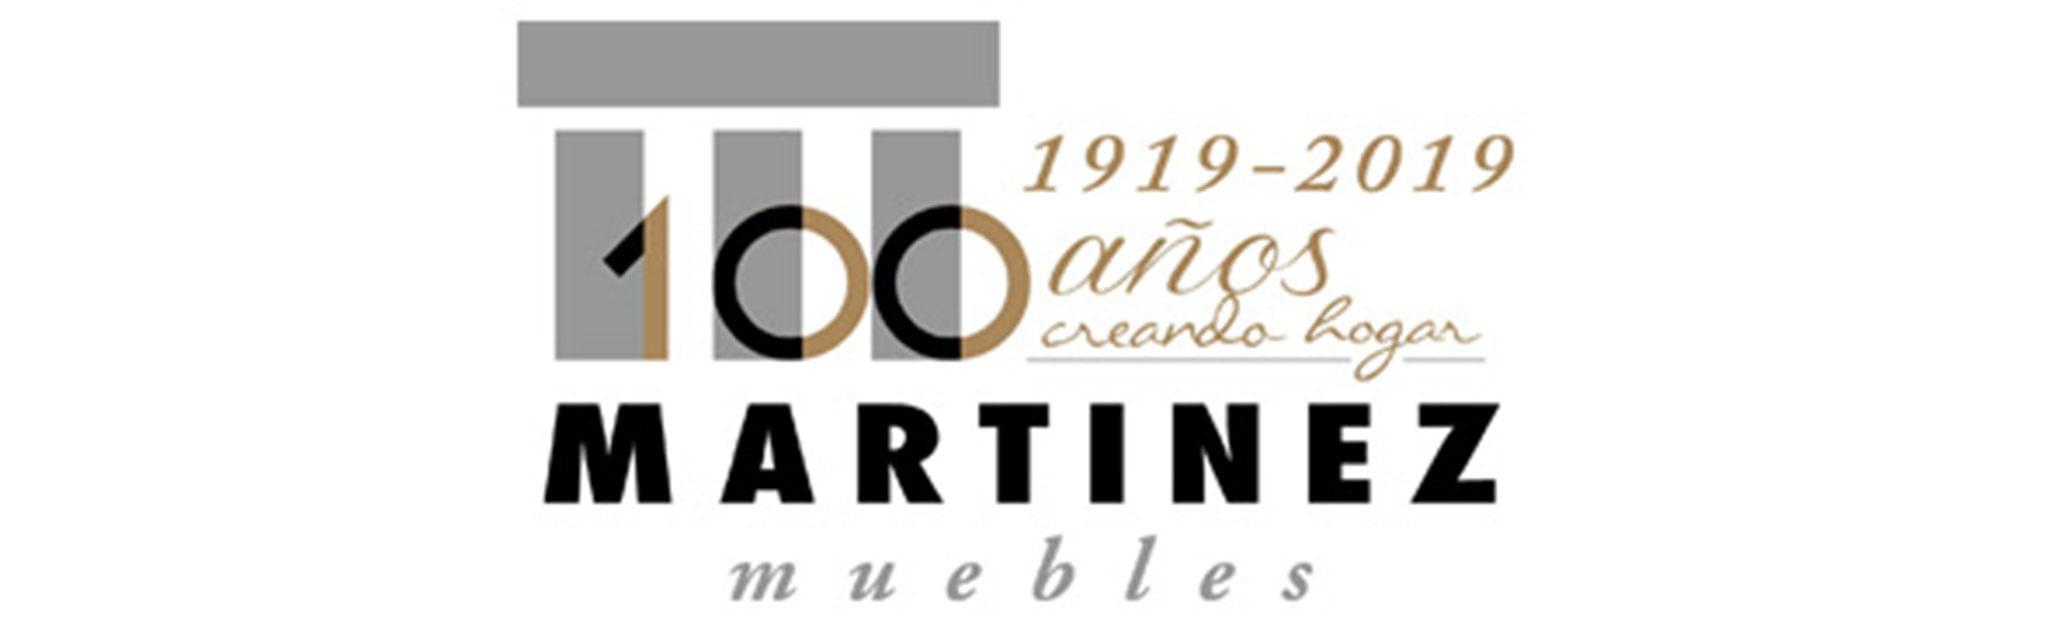 Logo Martínez Furniture